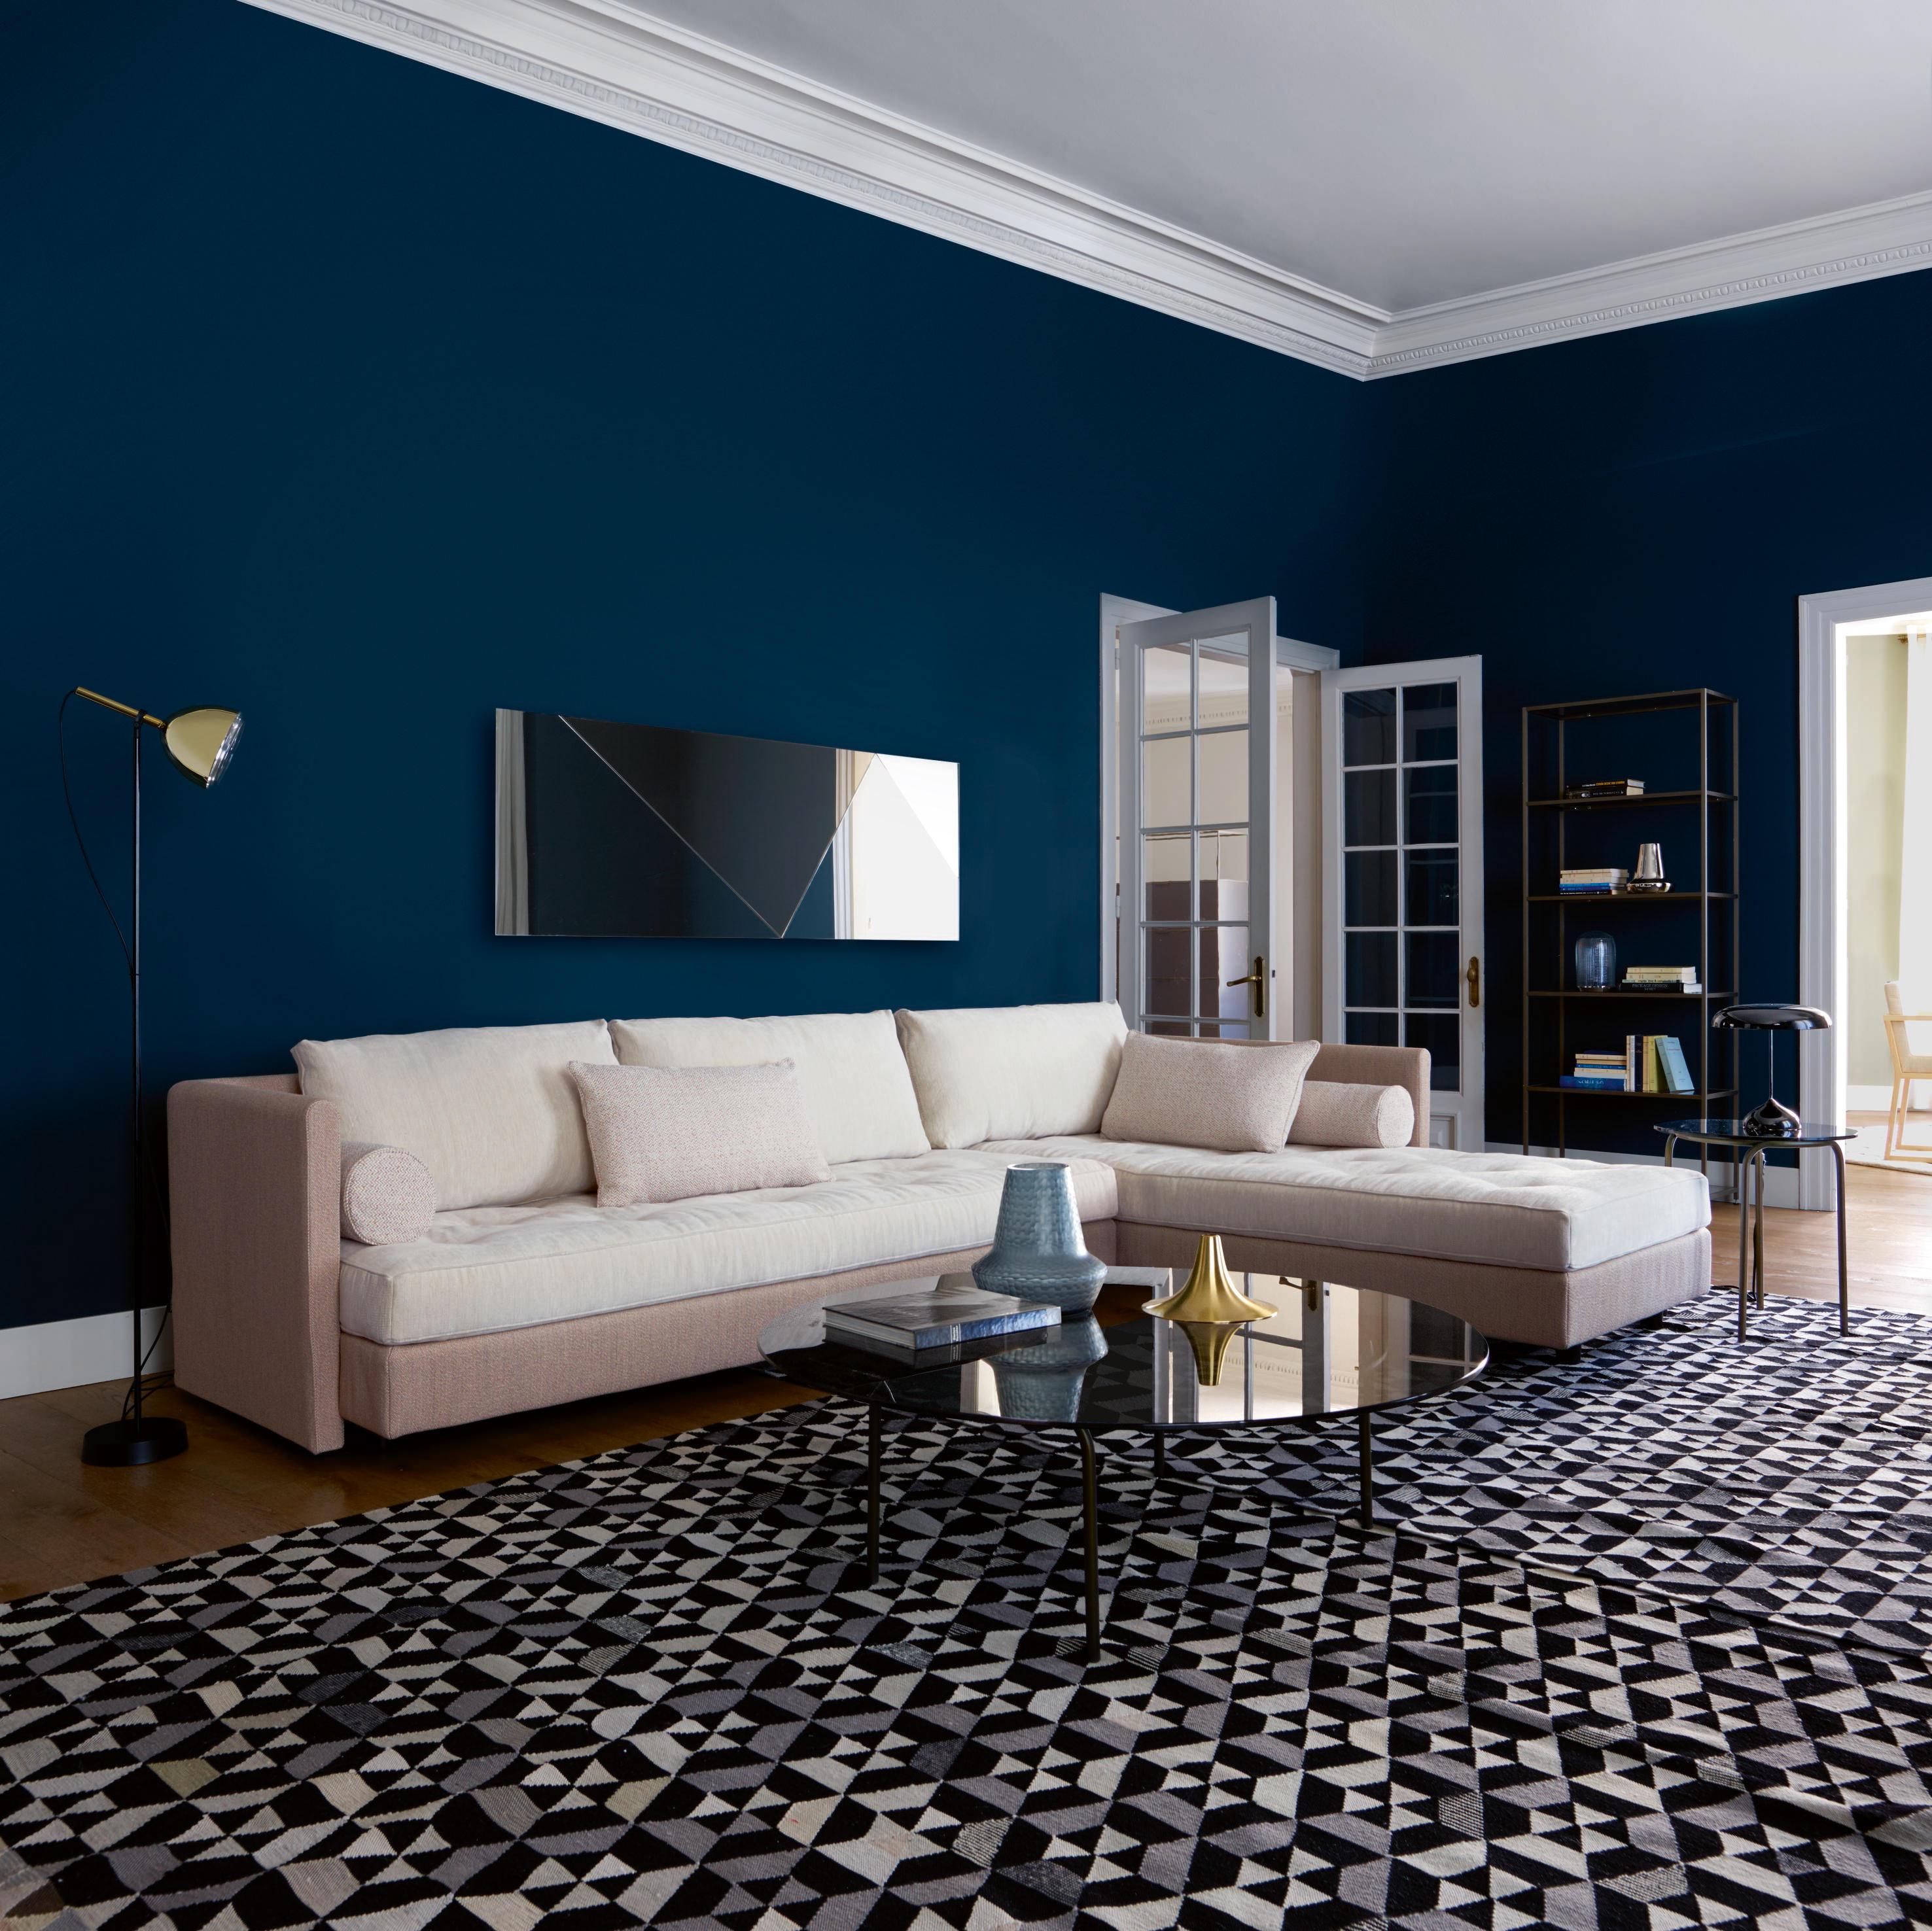 nomade 2 3 sitzer komplettes element sofas von ligne roset architonic. Black Bedroom Furniture Sets. Home Design Ideas